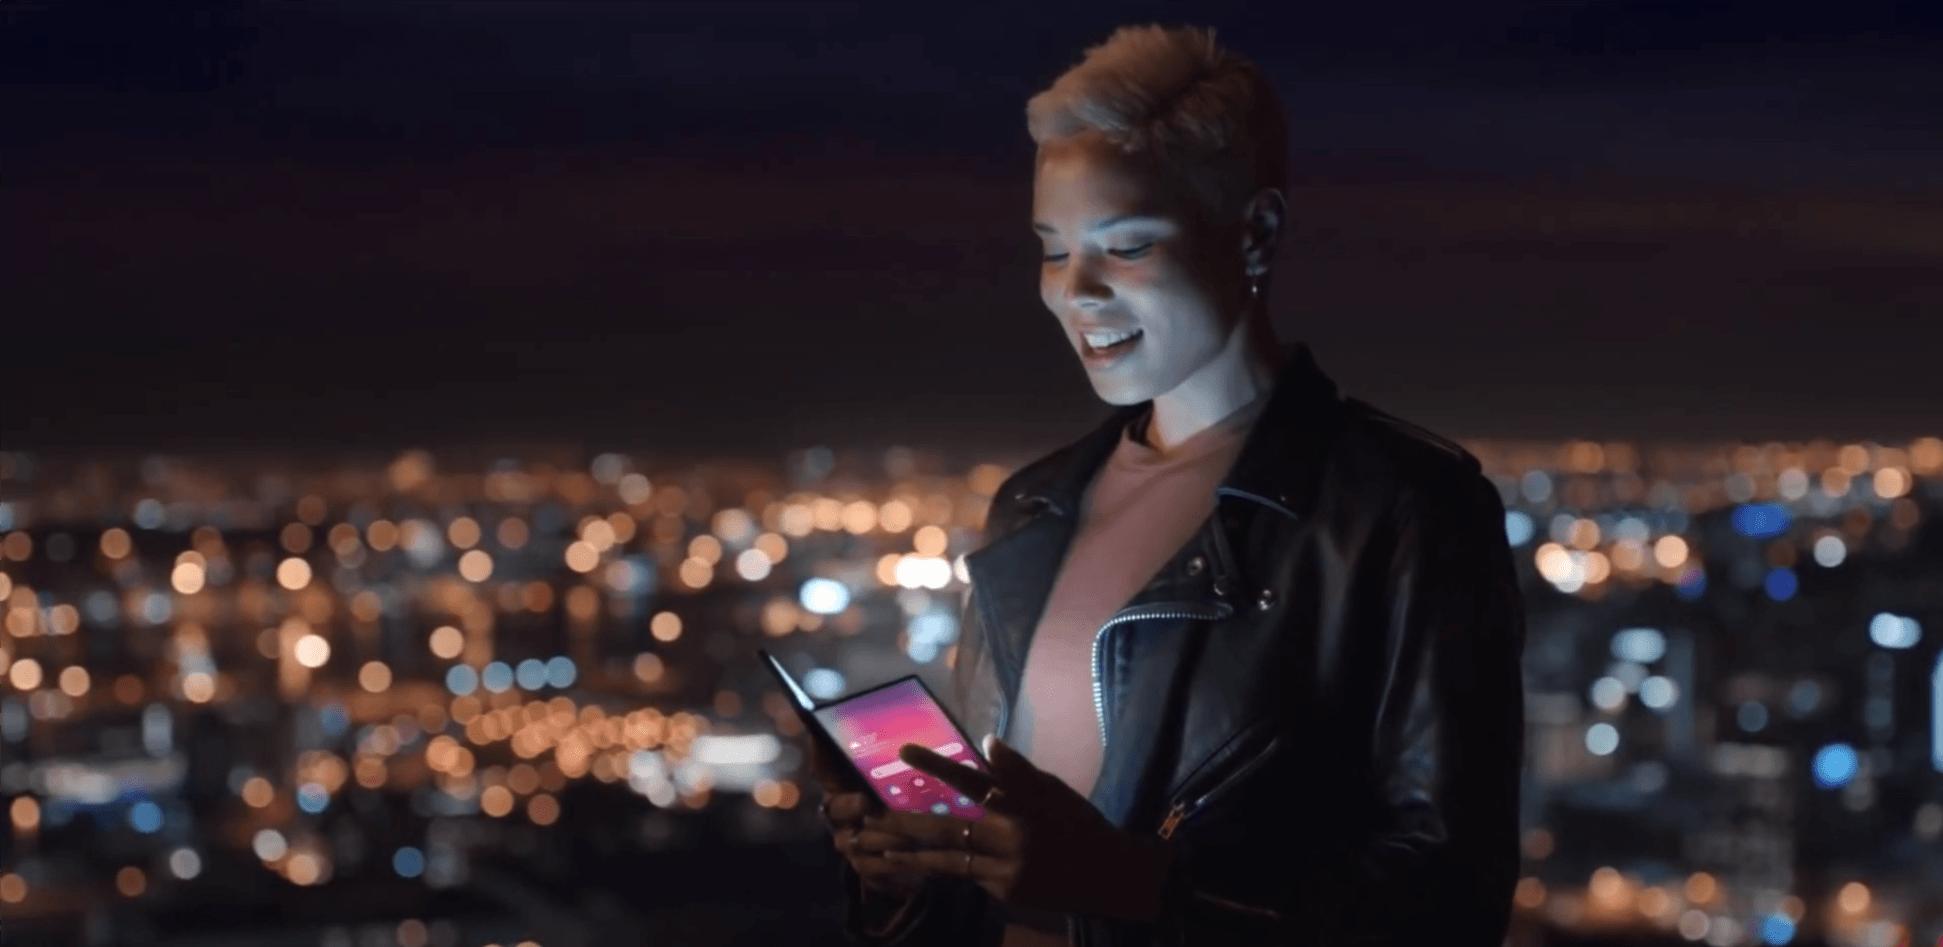 Film, który nie miał prawa przedostać się do sieci: Samsung Galaxy S10 i składany Galaxy F na wideo promocyjnym 21